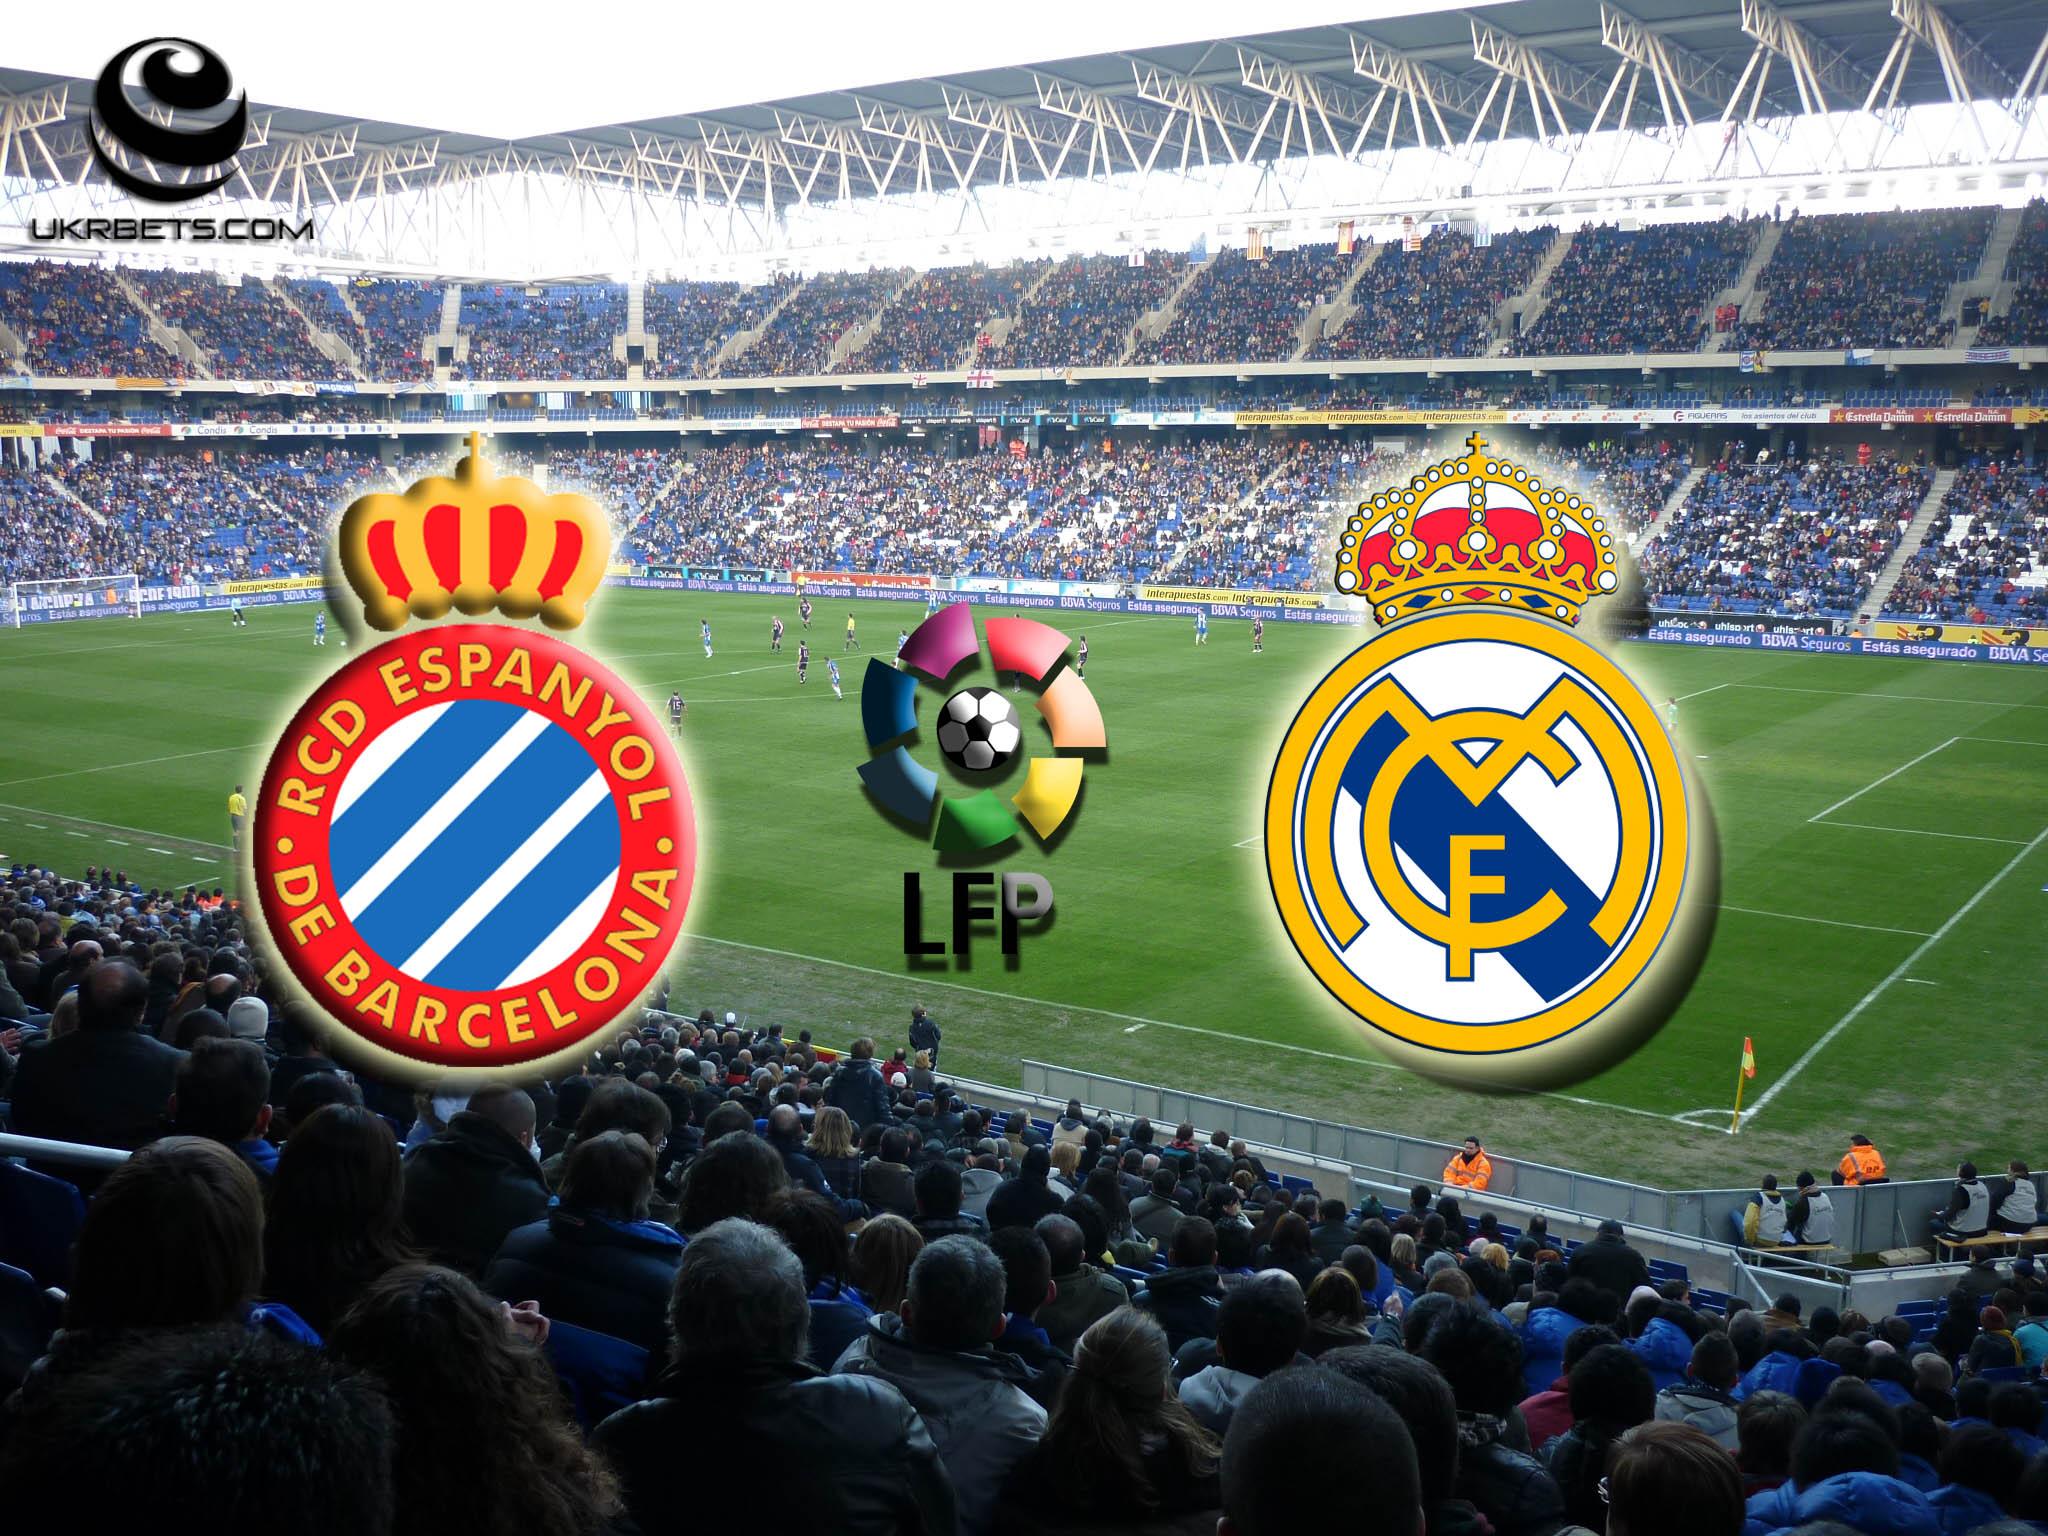 Прогноз на матч Эспаньол - Реал Мадрид на 18 сентября 2016